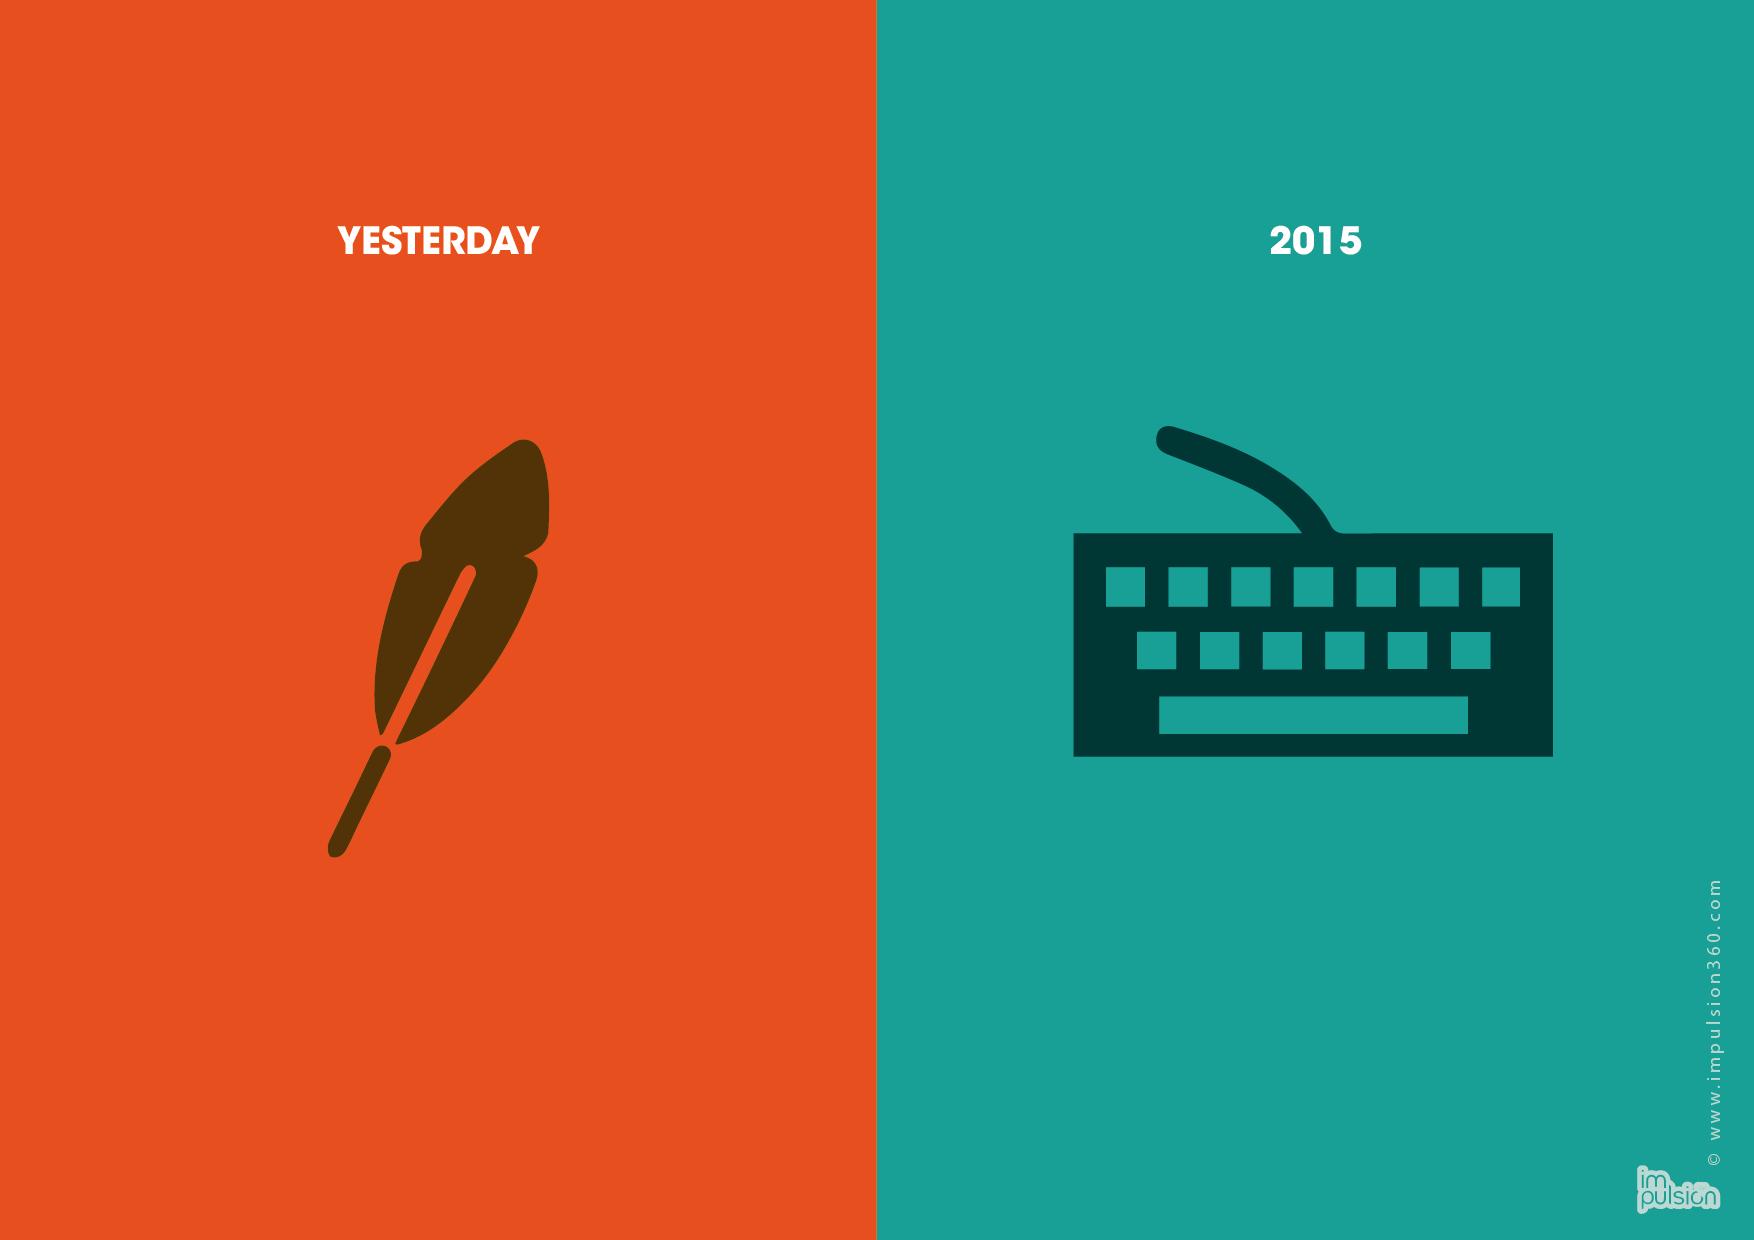 Notre plume n'est plus, le clavier s'enclave. #Impulsion360 #voeux2015